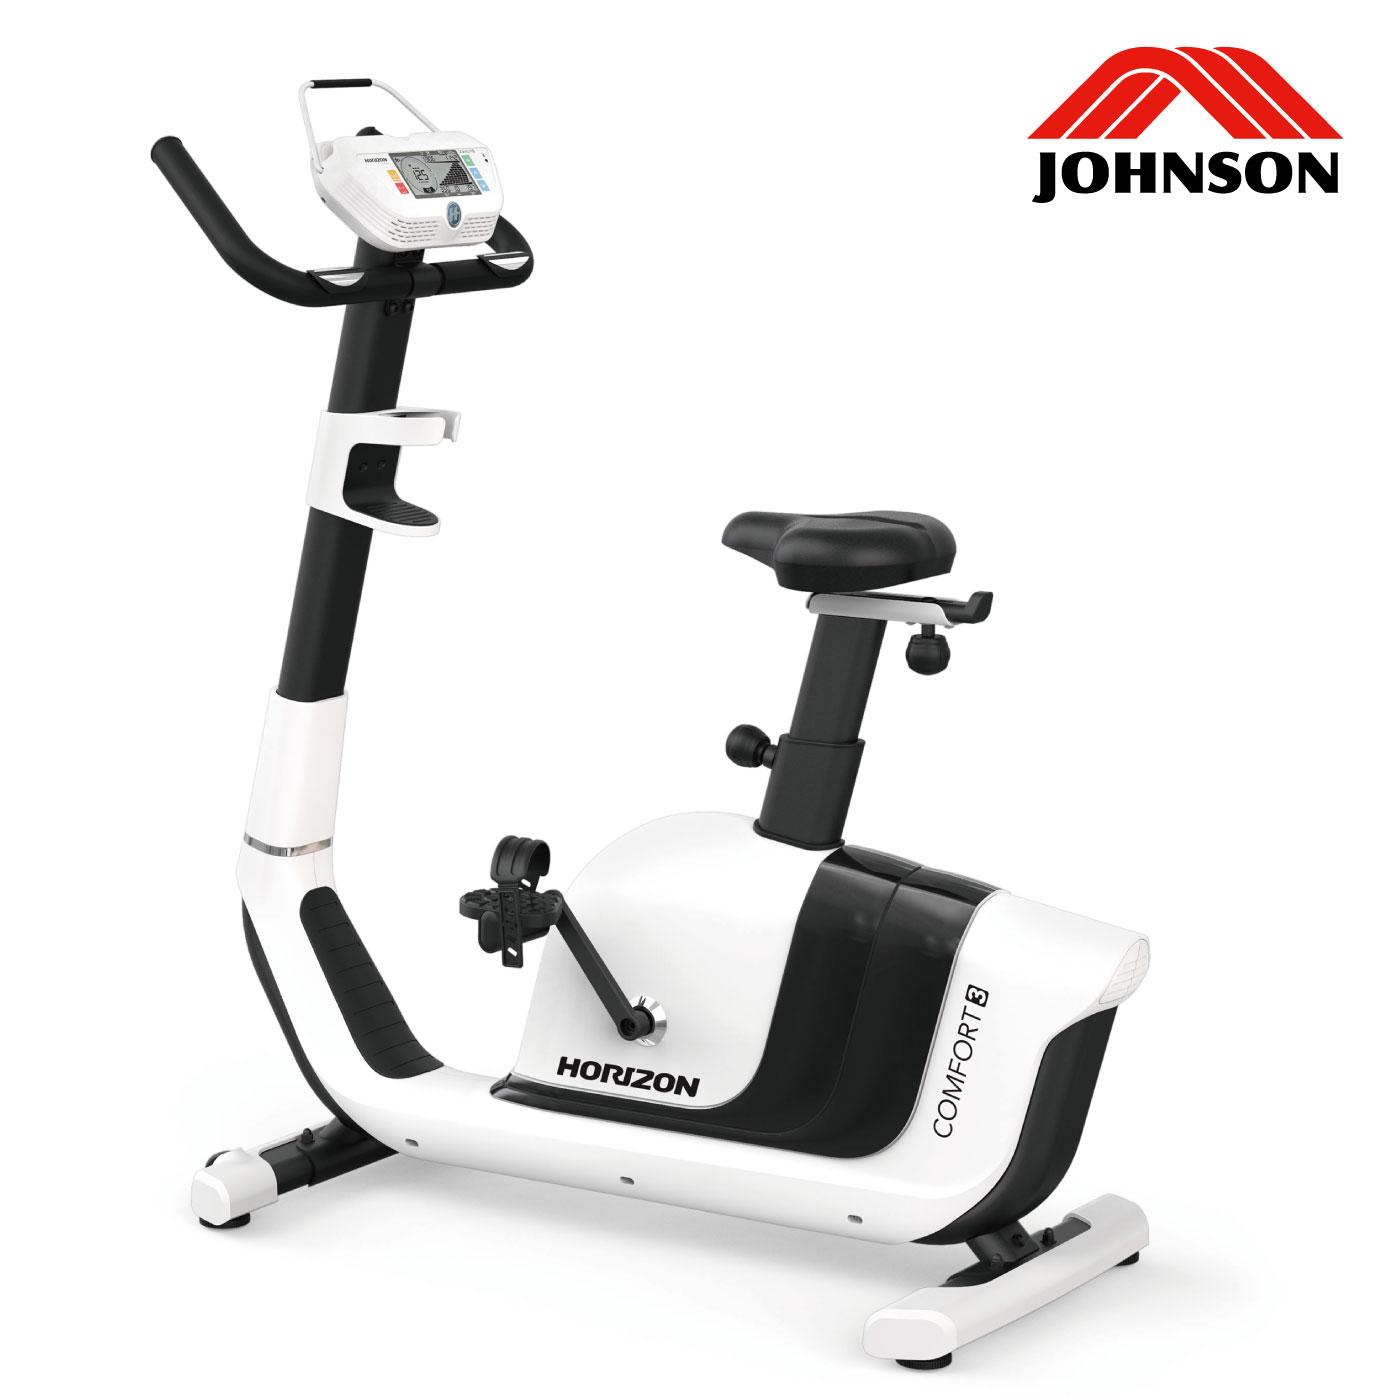 Comfort3/家庭用アップライトバイク〈HORIZON〉《ジョンソンヘルステック》